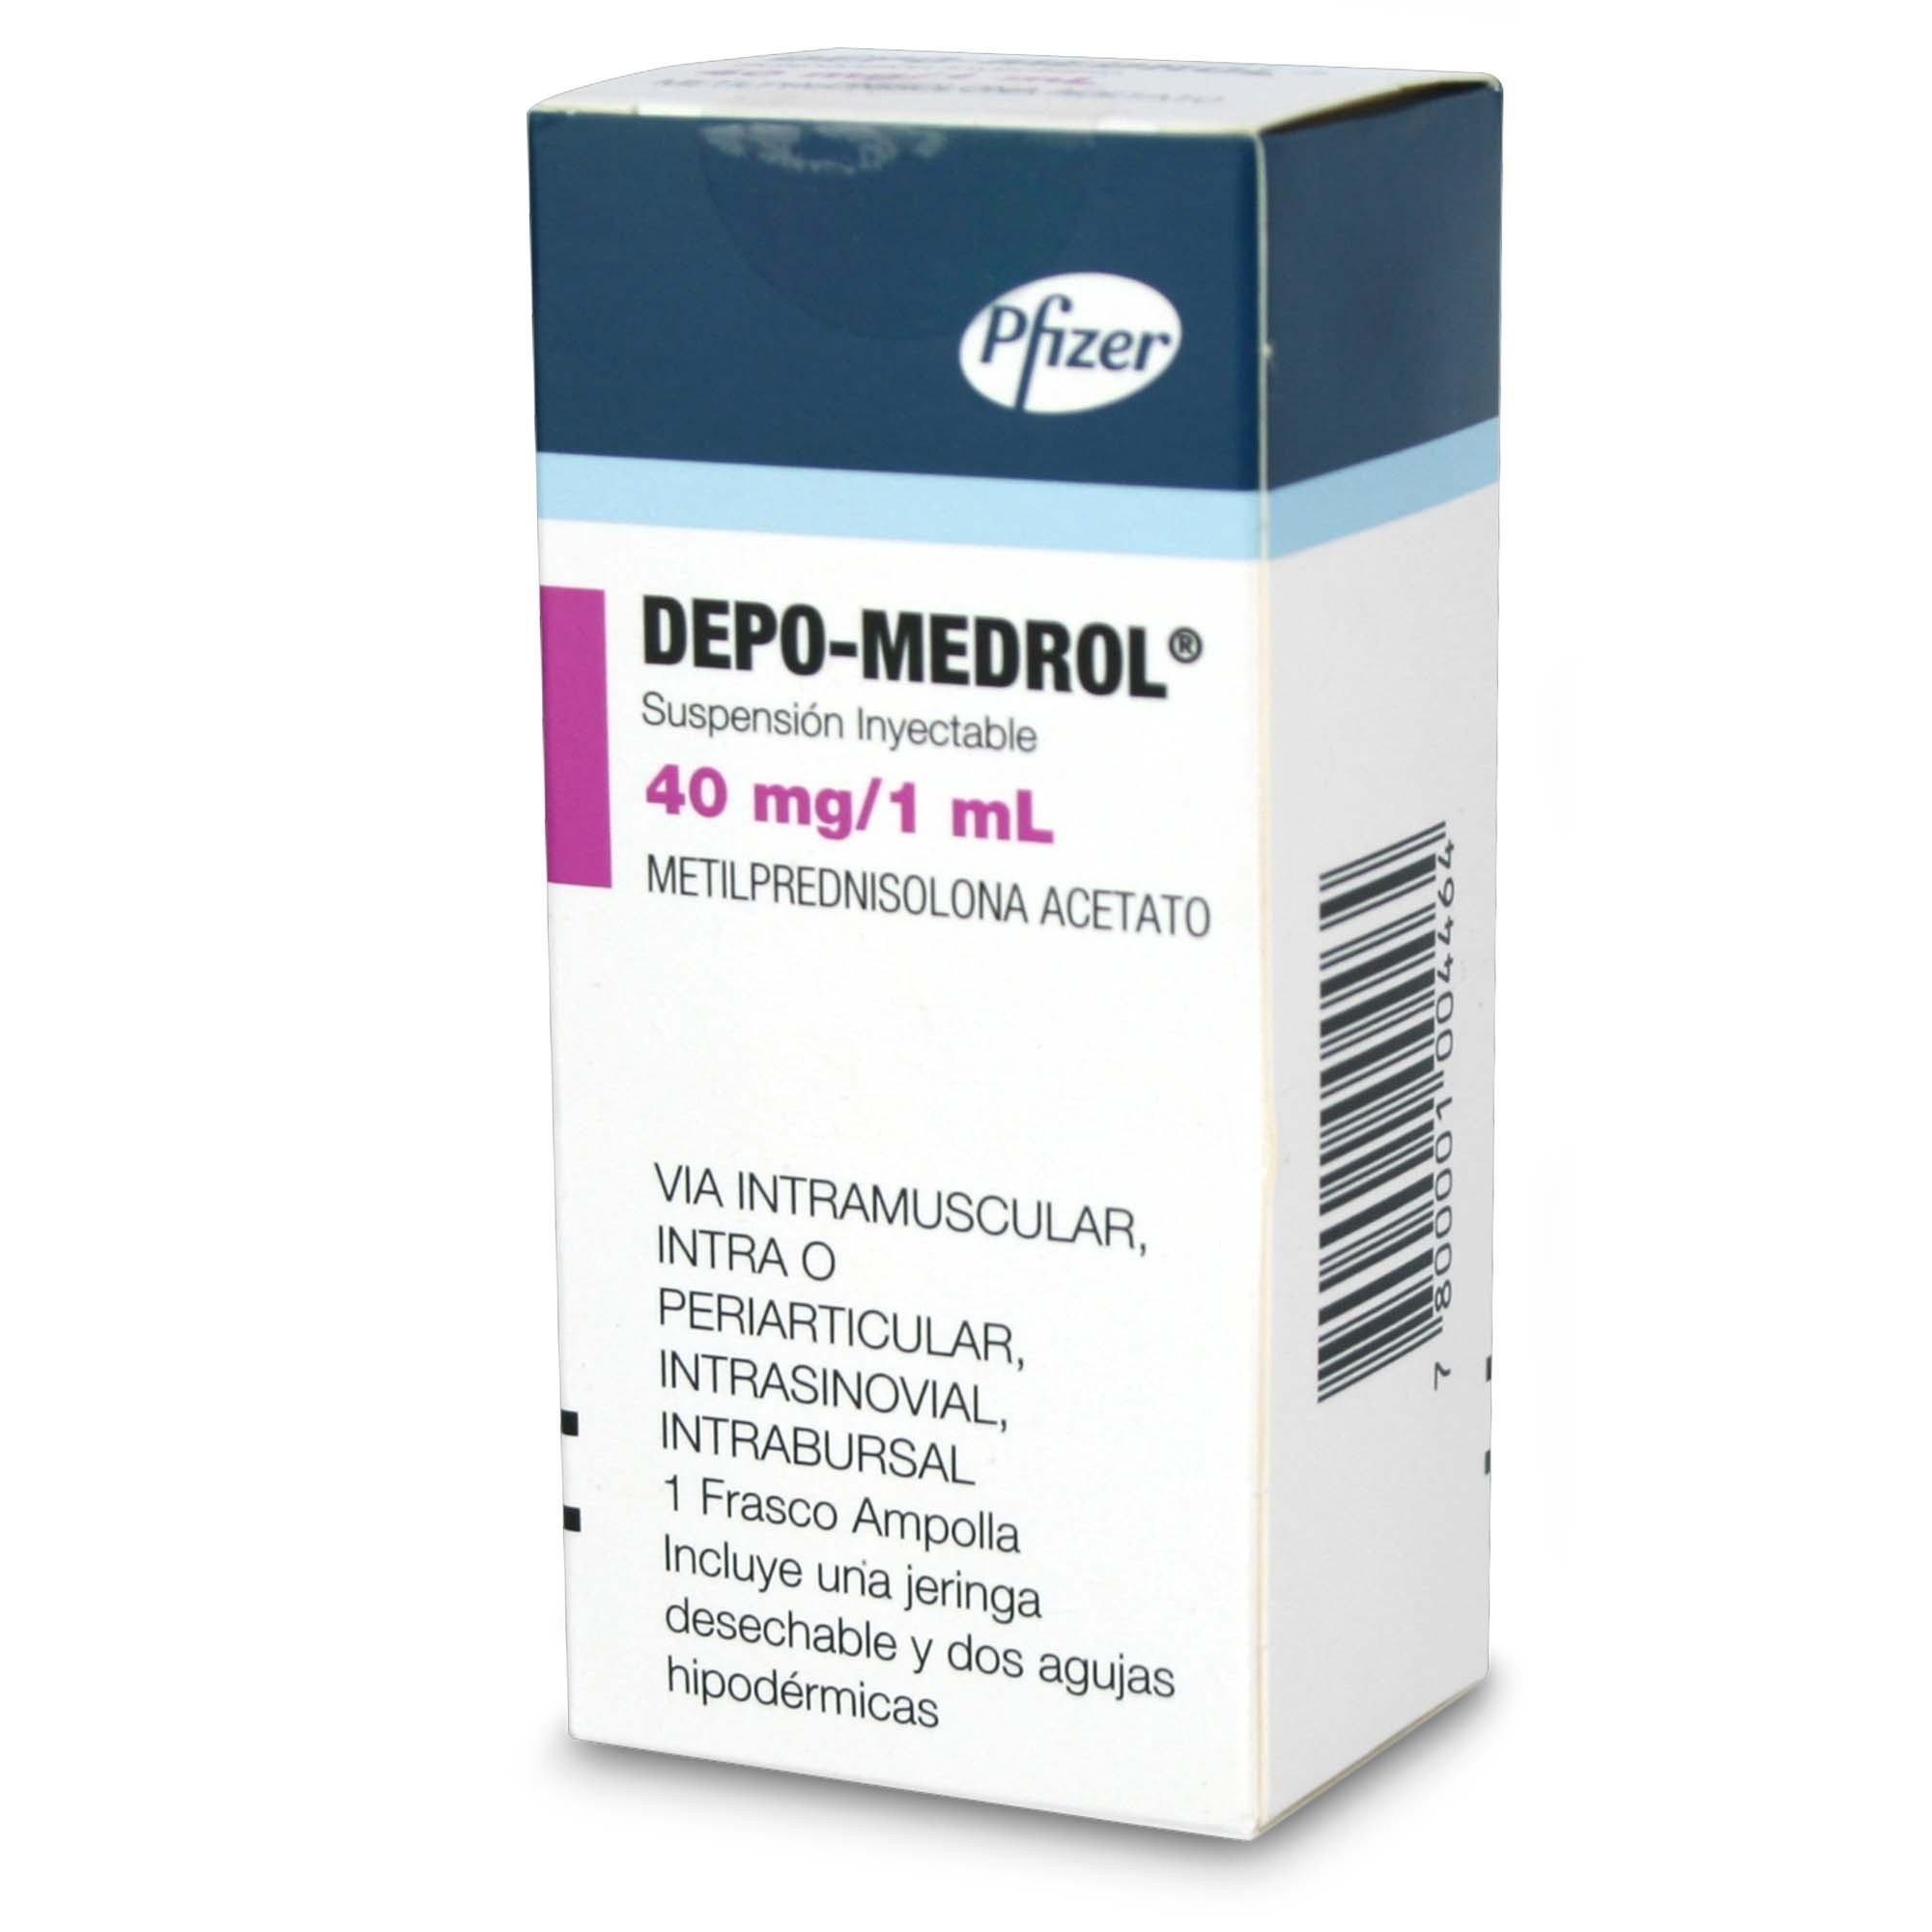 Depo-Medrol Metilprednisolona 40 Mg 1 Ml Ampolla | Chile  Depomedrol Caland